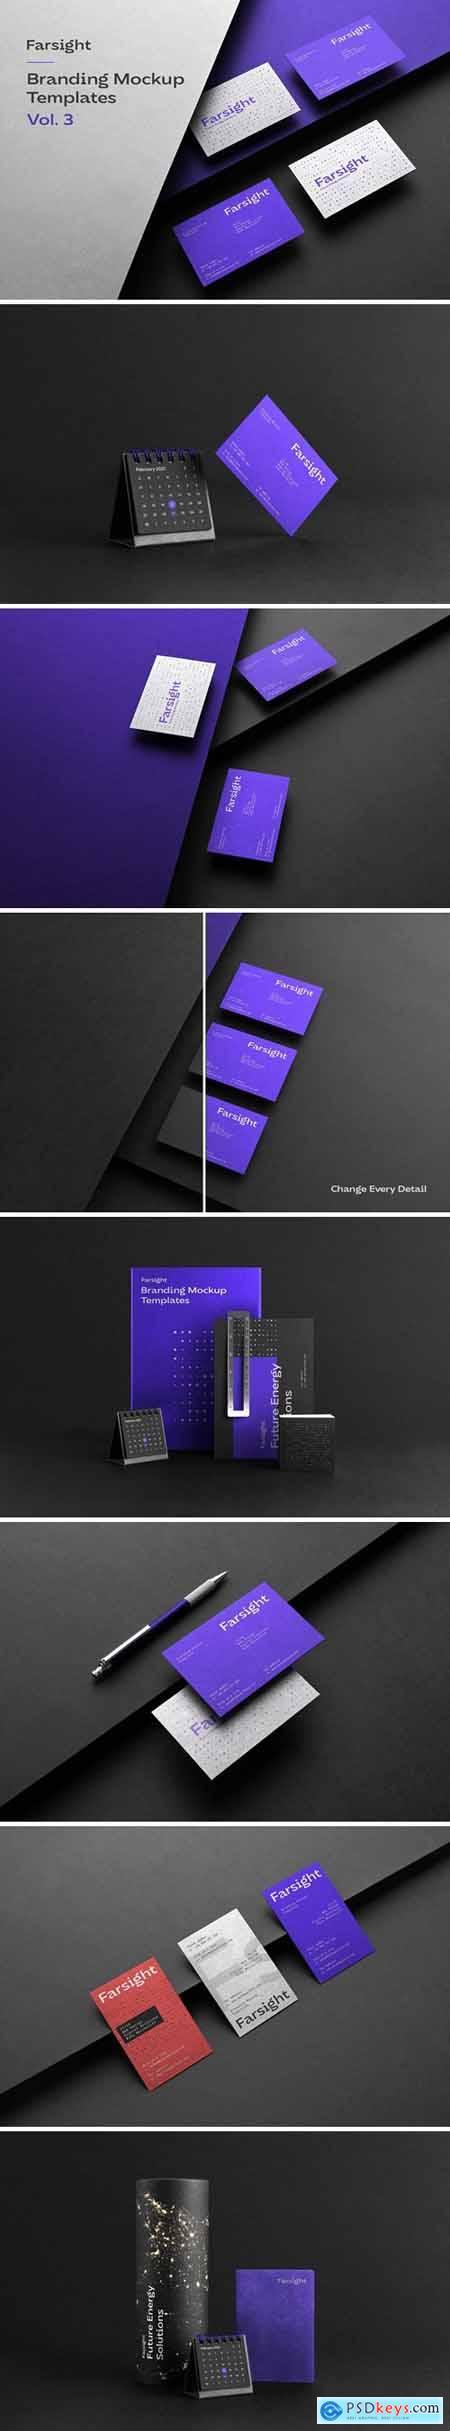 Farsight Branding Mockups Vol.3